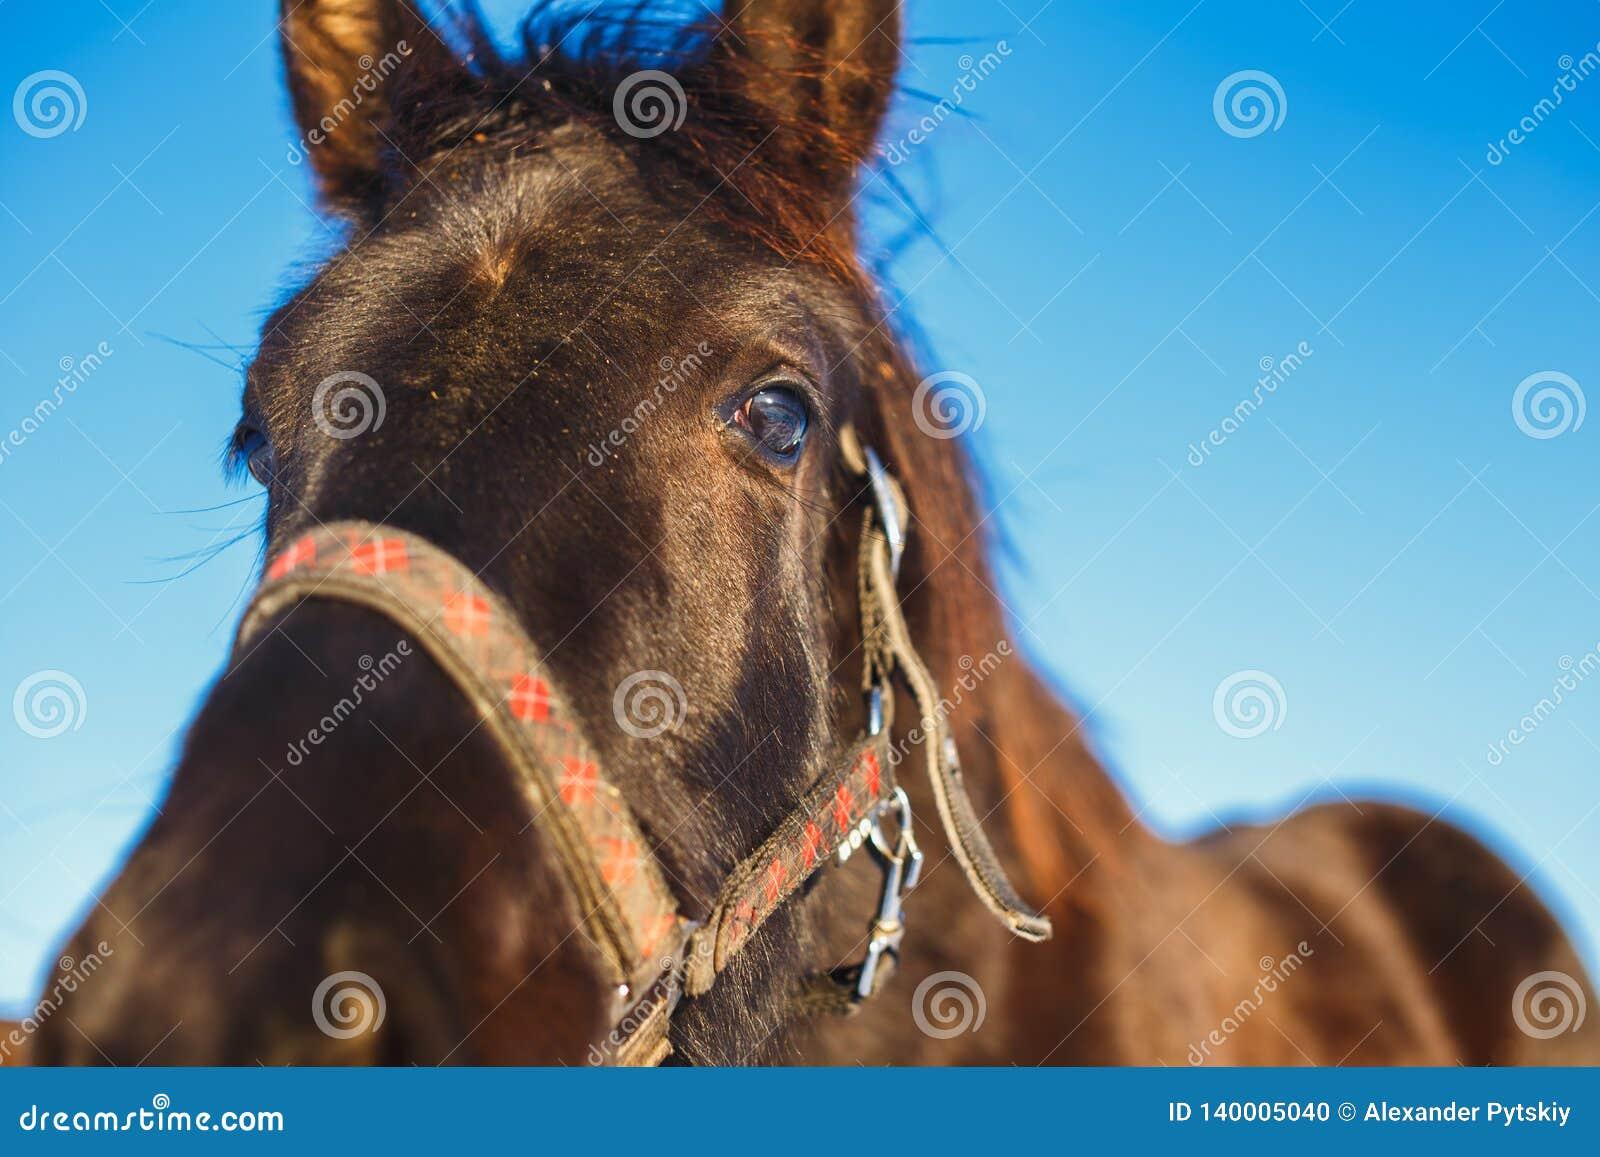 Museau du plan rapproché Arabe noir de poulain contre les grands yeux expressifs du cheval